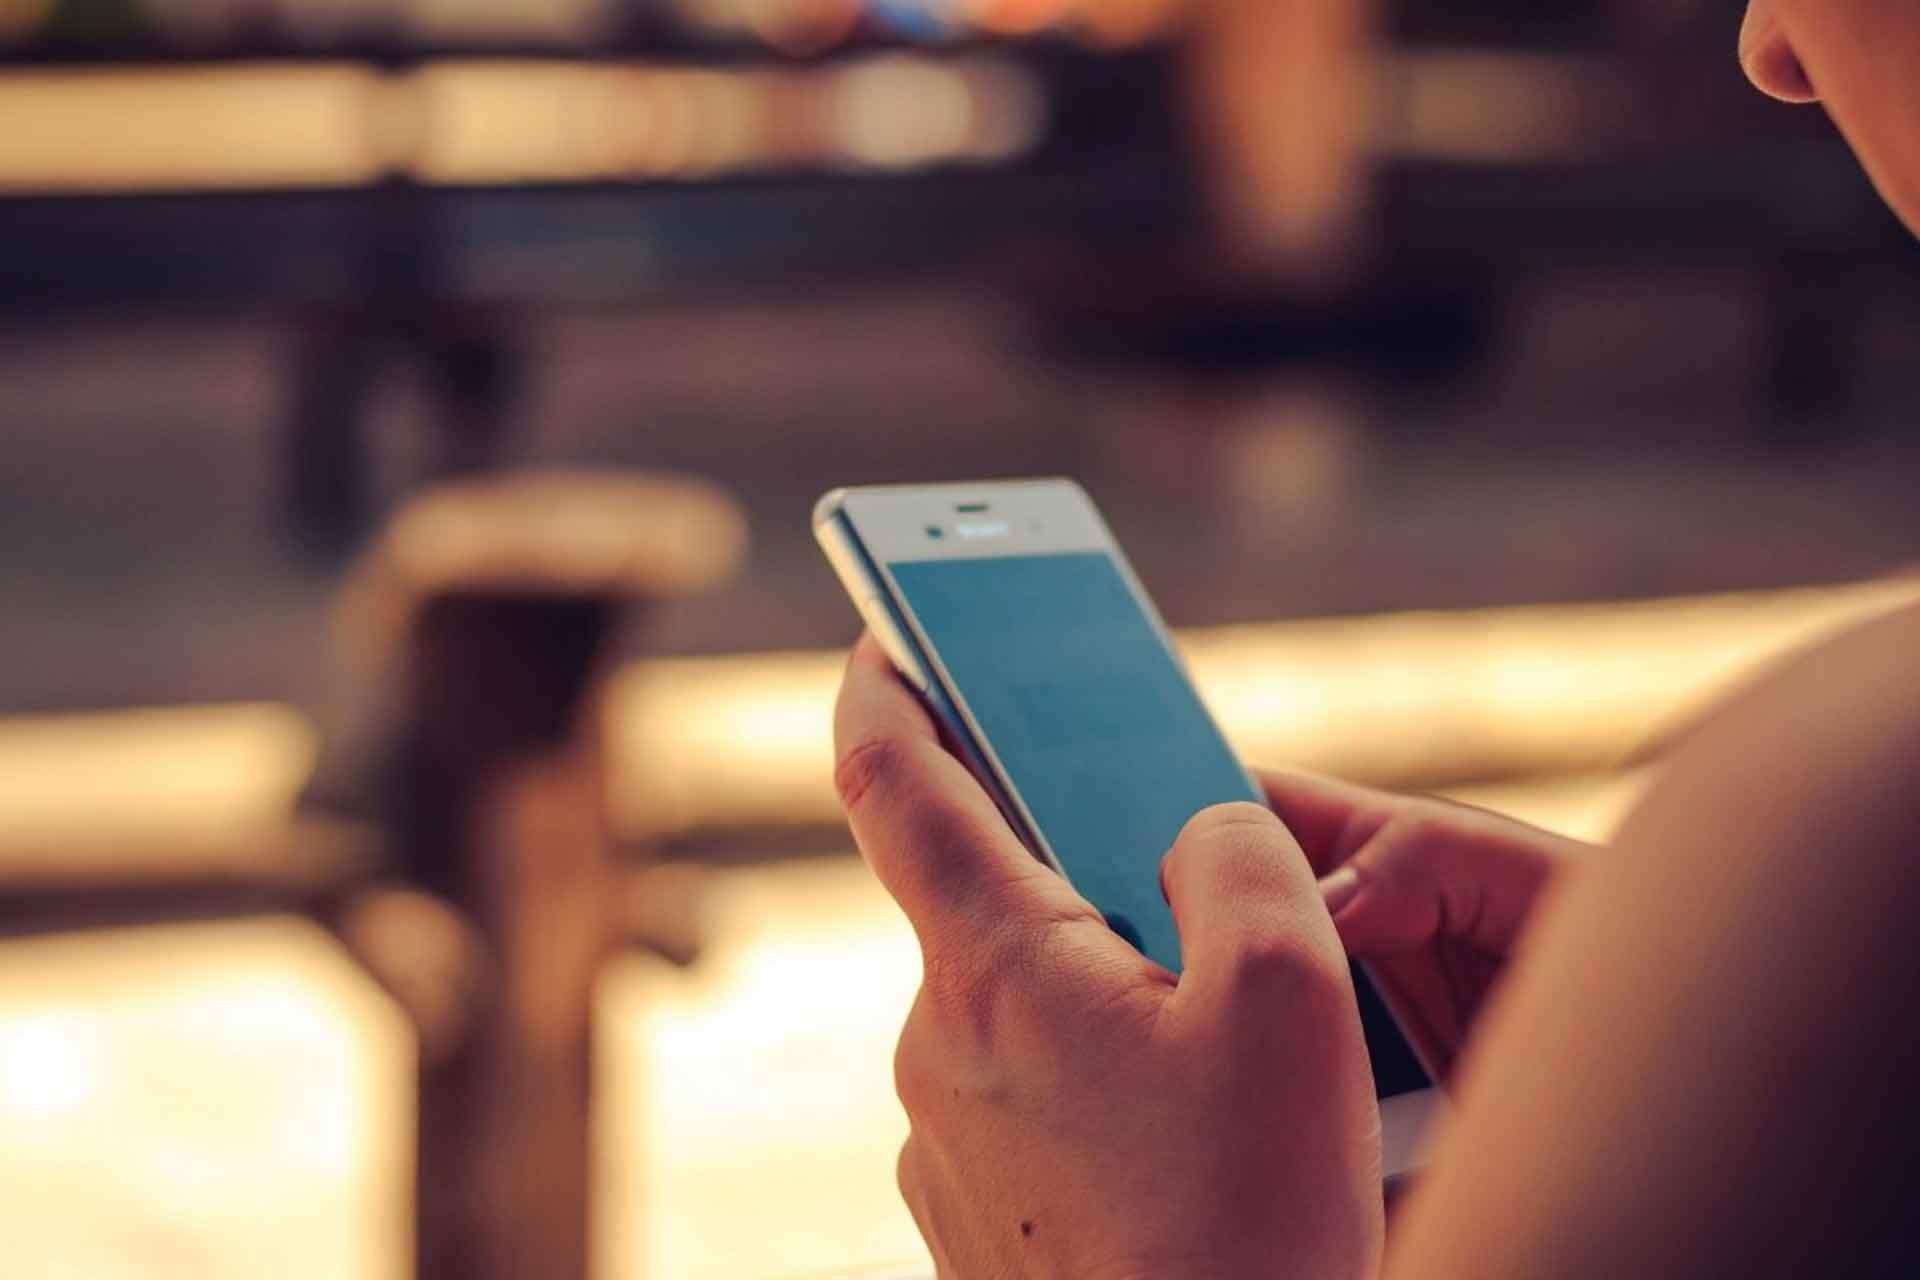 Depremde çalışmayan Türk Telekom 10 GB bedava internet verecek